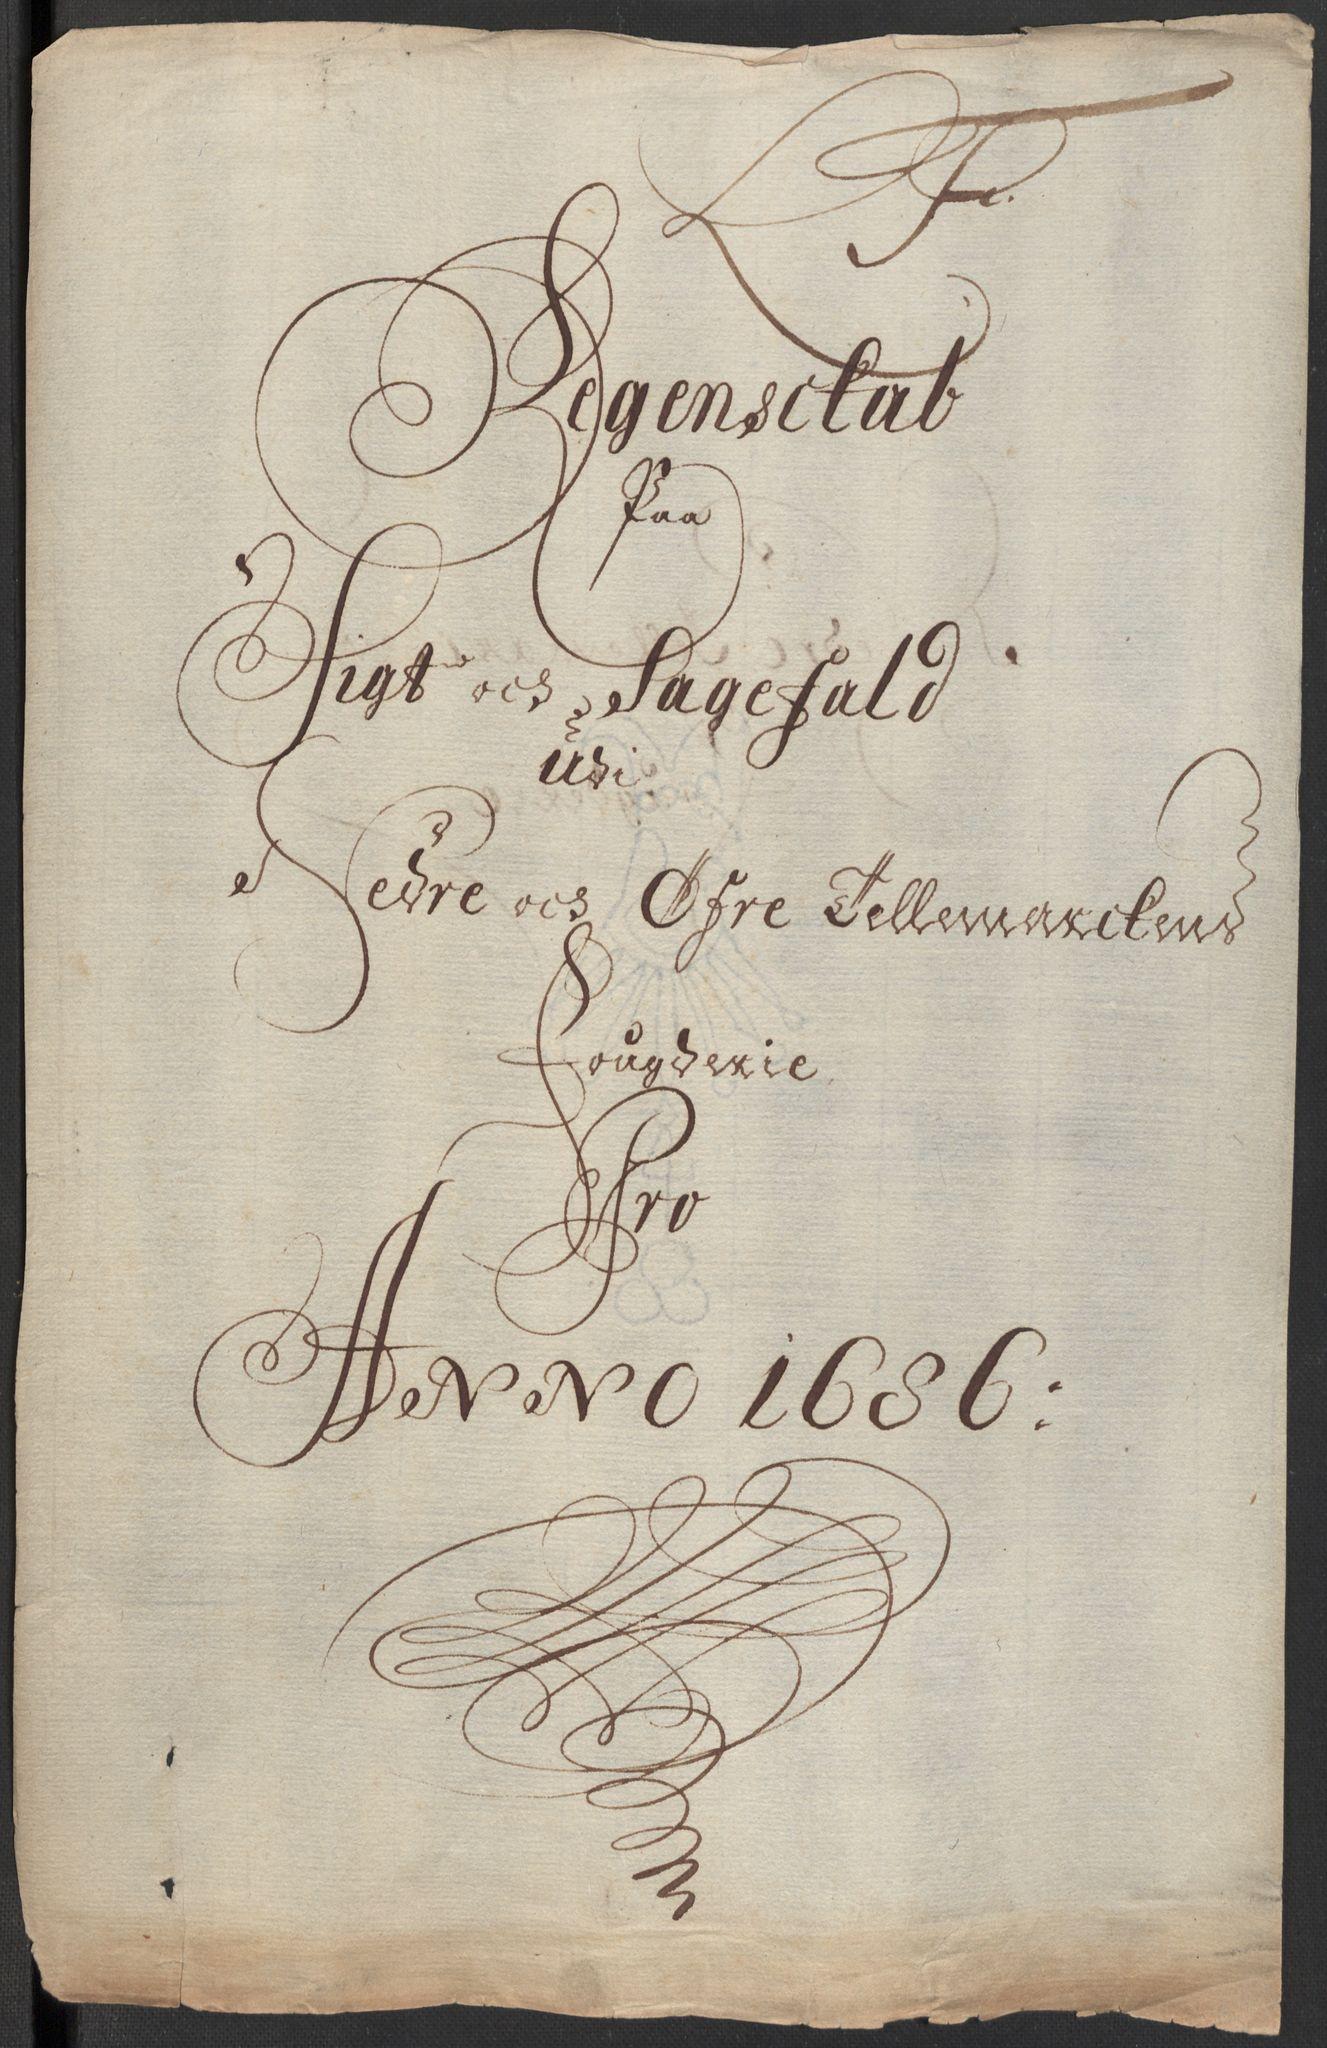 RA, Rentekammeret inntil 1814, Reviderte regnskaper, Fogderegnskap, R35/L2083: Fogderegnskap Øvre og Nedre Telemark, 1686, s. 66